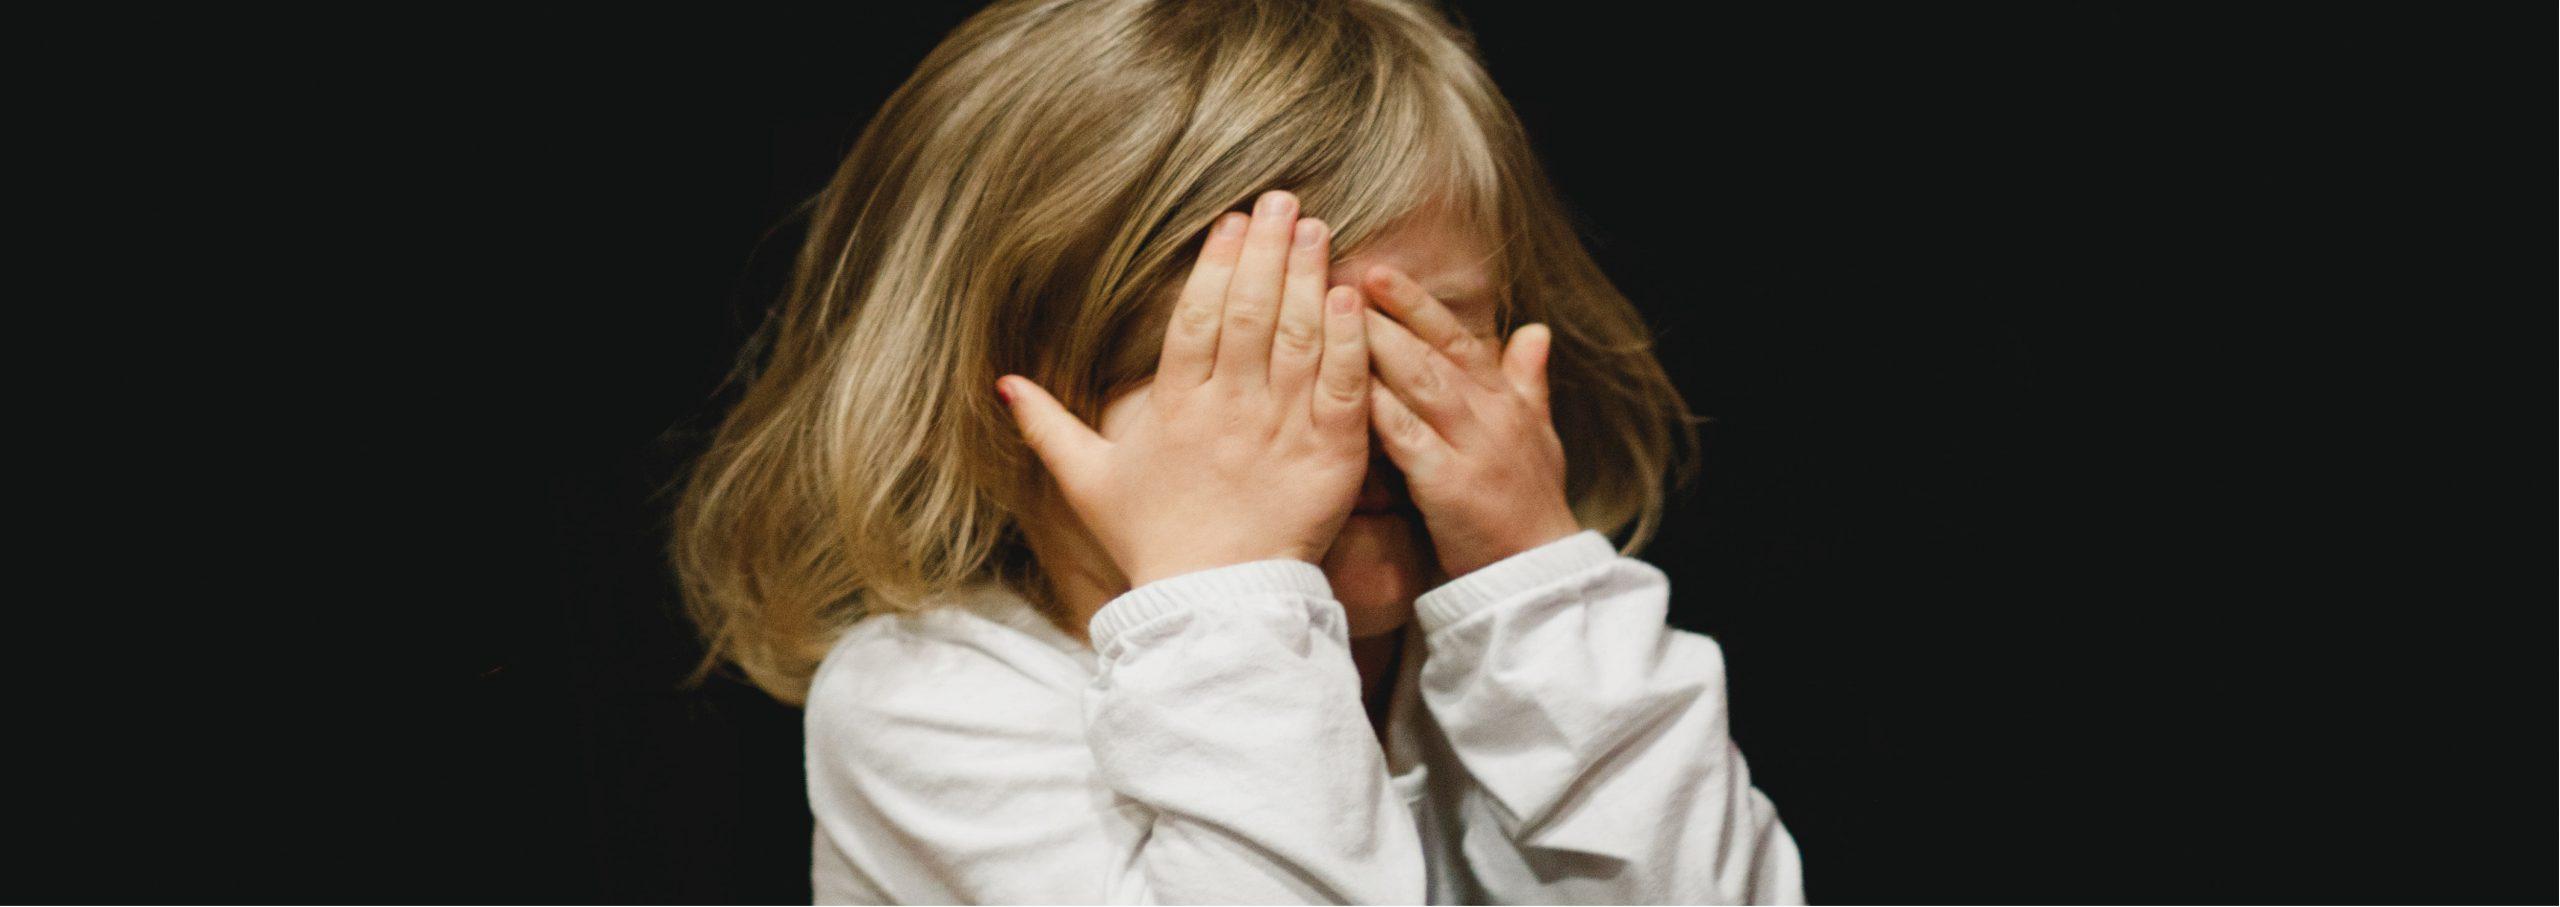 Anna lapselle turvallinen koti – Tule sijaisvanhemmaksi